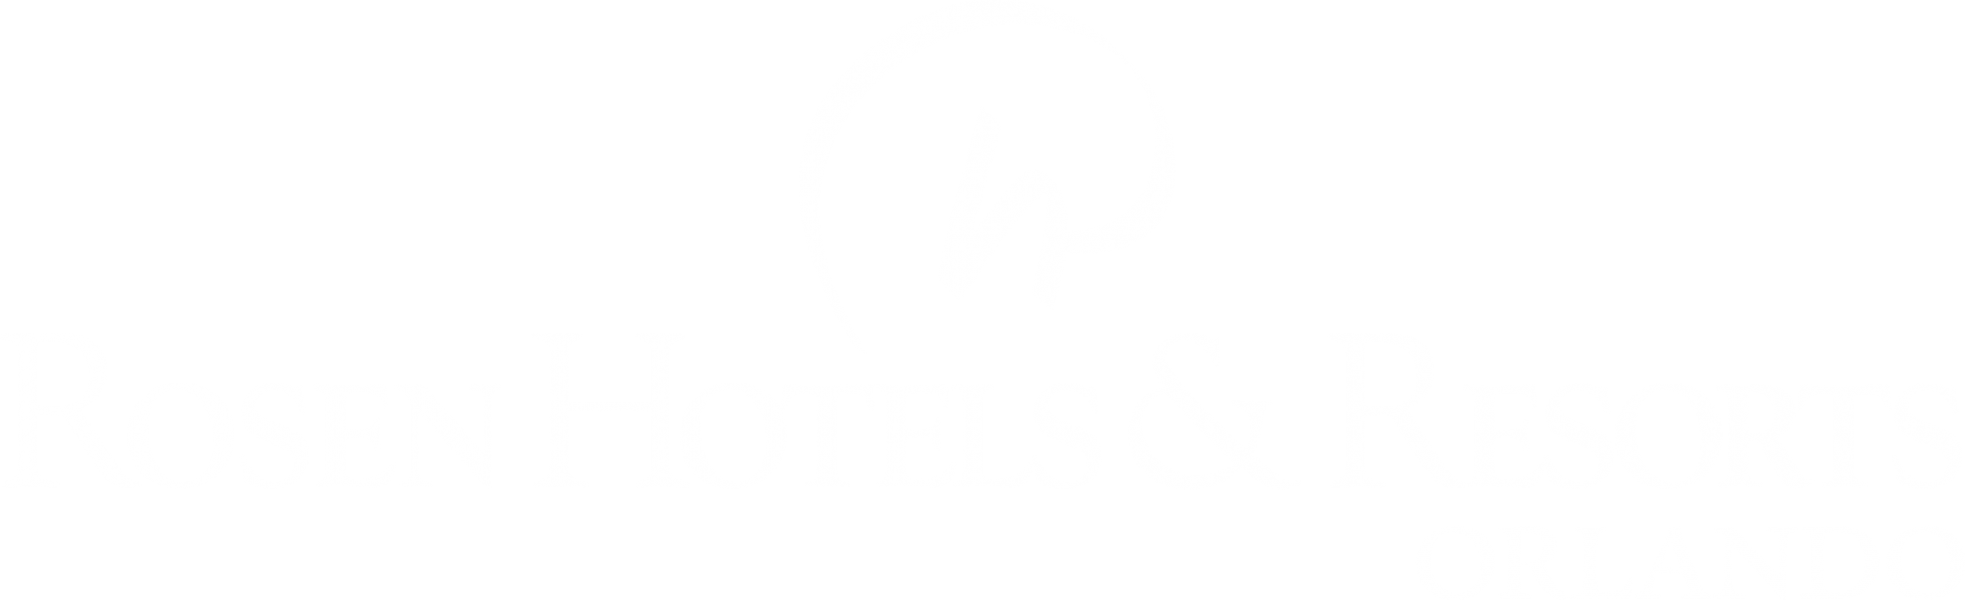 Rosen Hotels & Resorts Orlando logo (White)